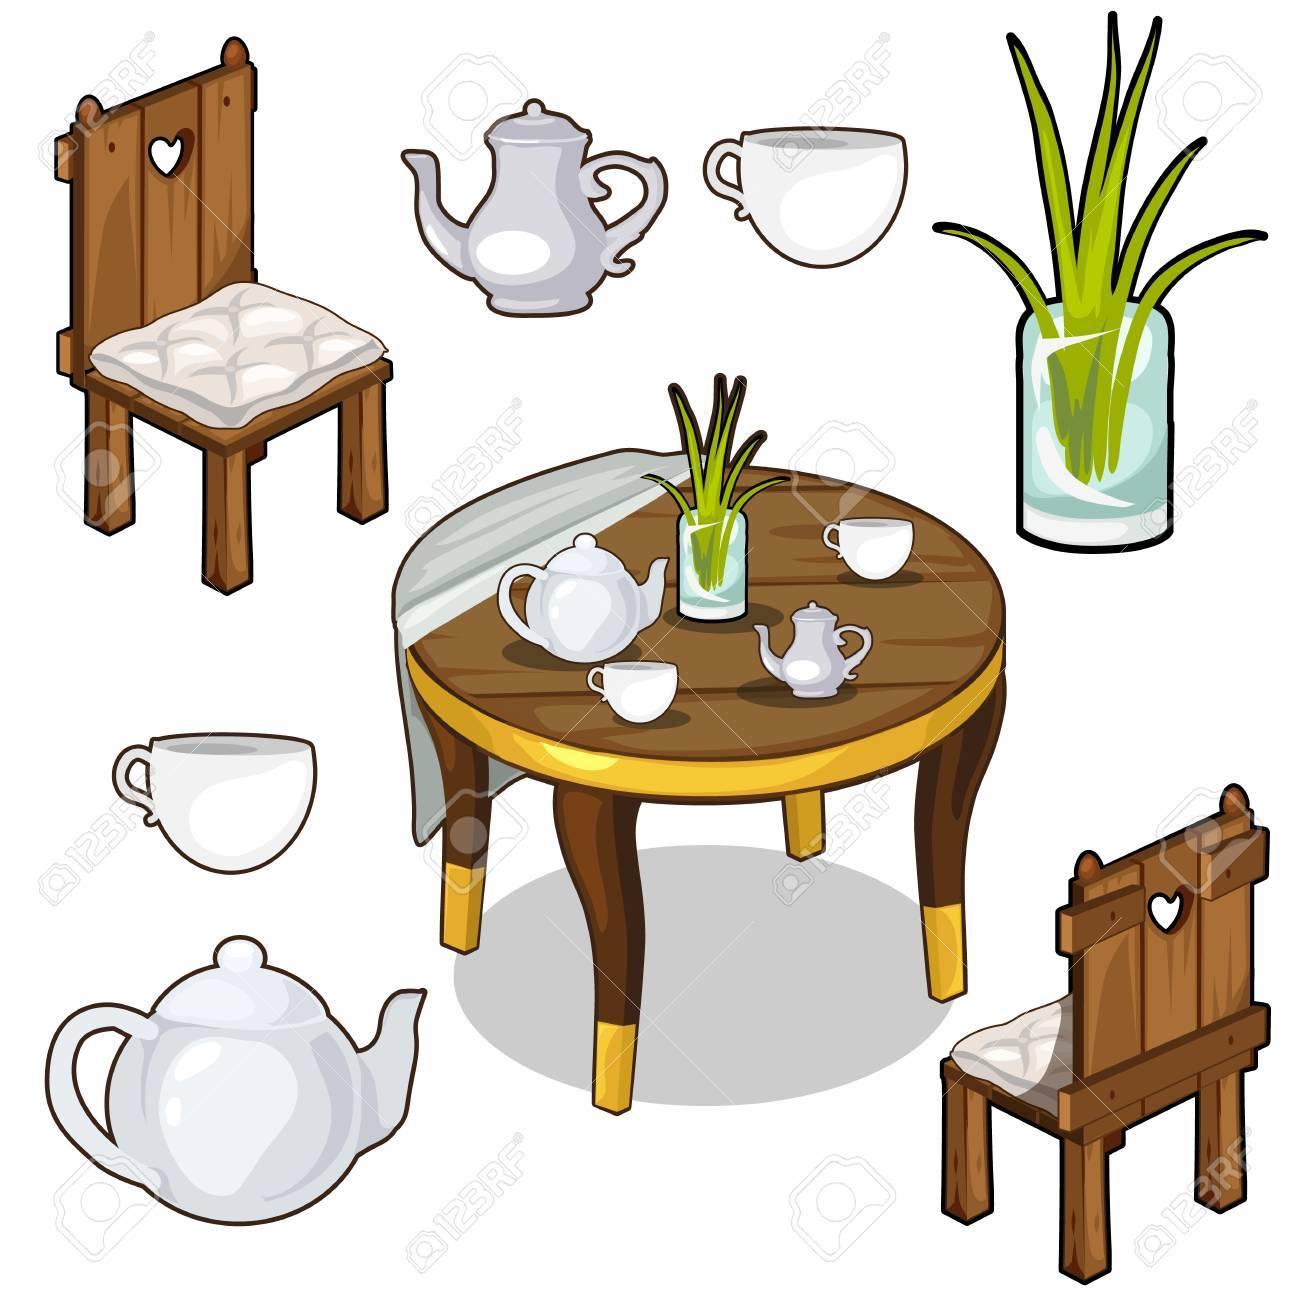 Conjunto de muebles de cocina de madera en estilo retro con una planta y un  utensilio. Ilustración de vector aislado en estilo de dibujos animados